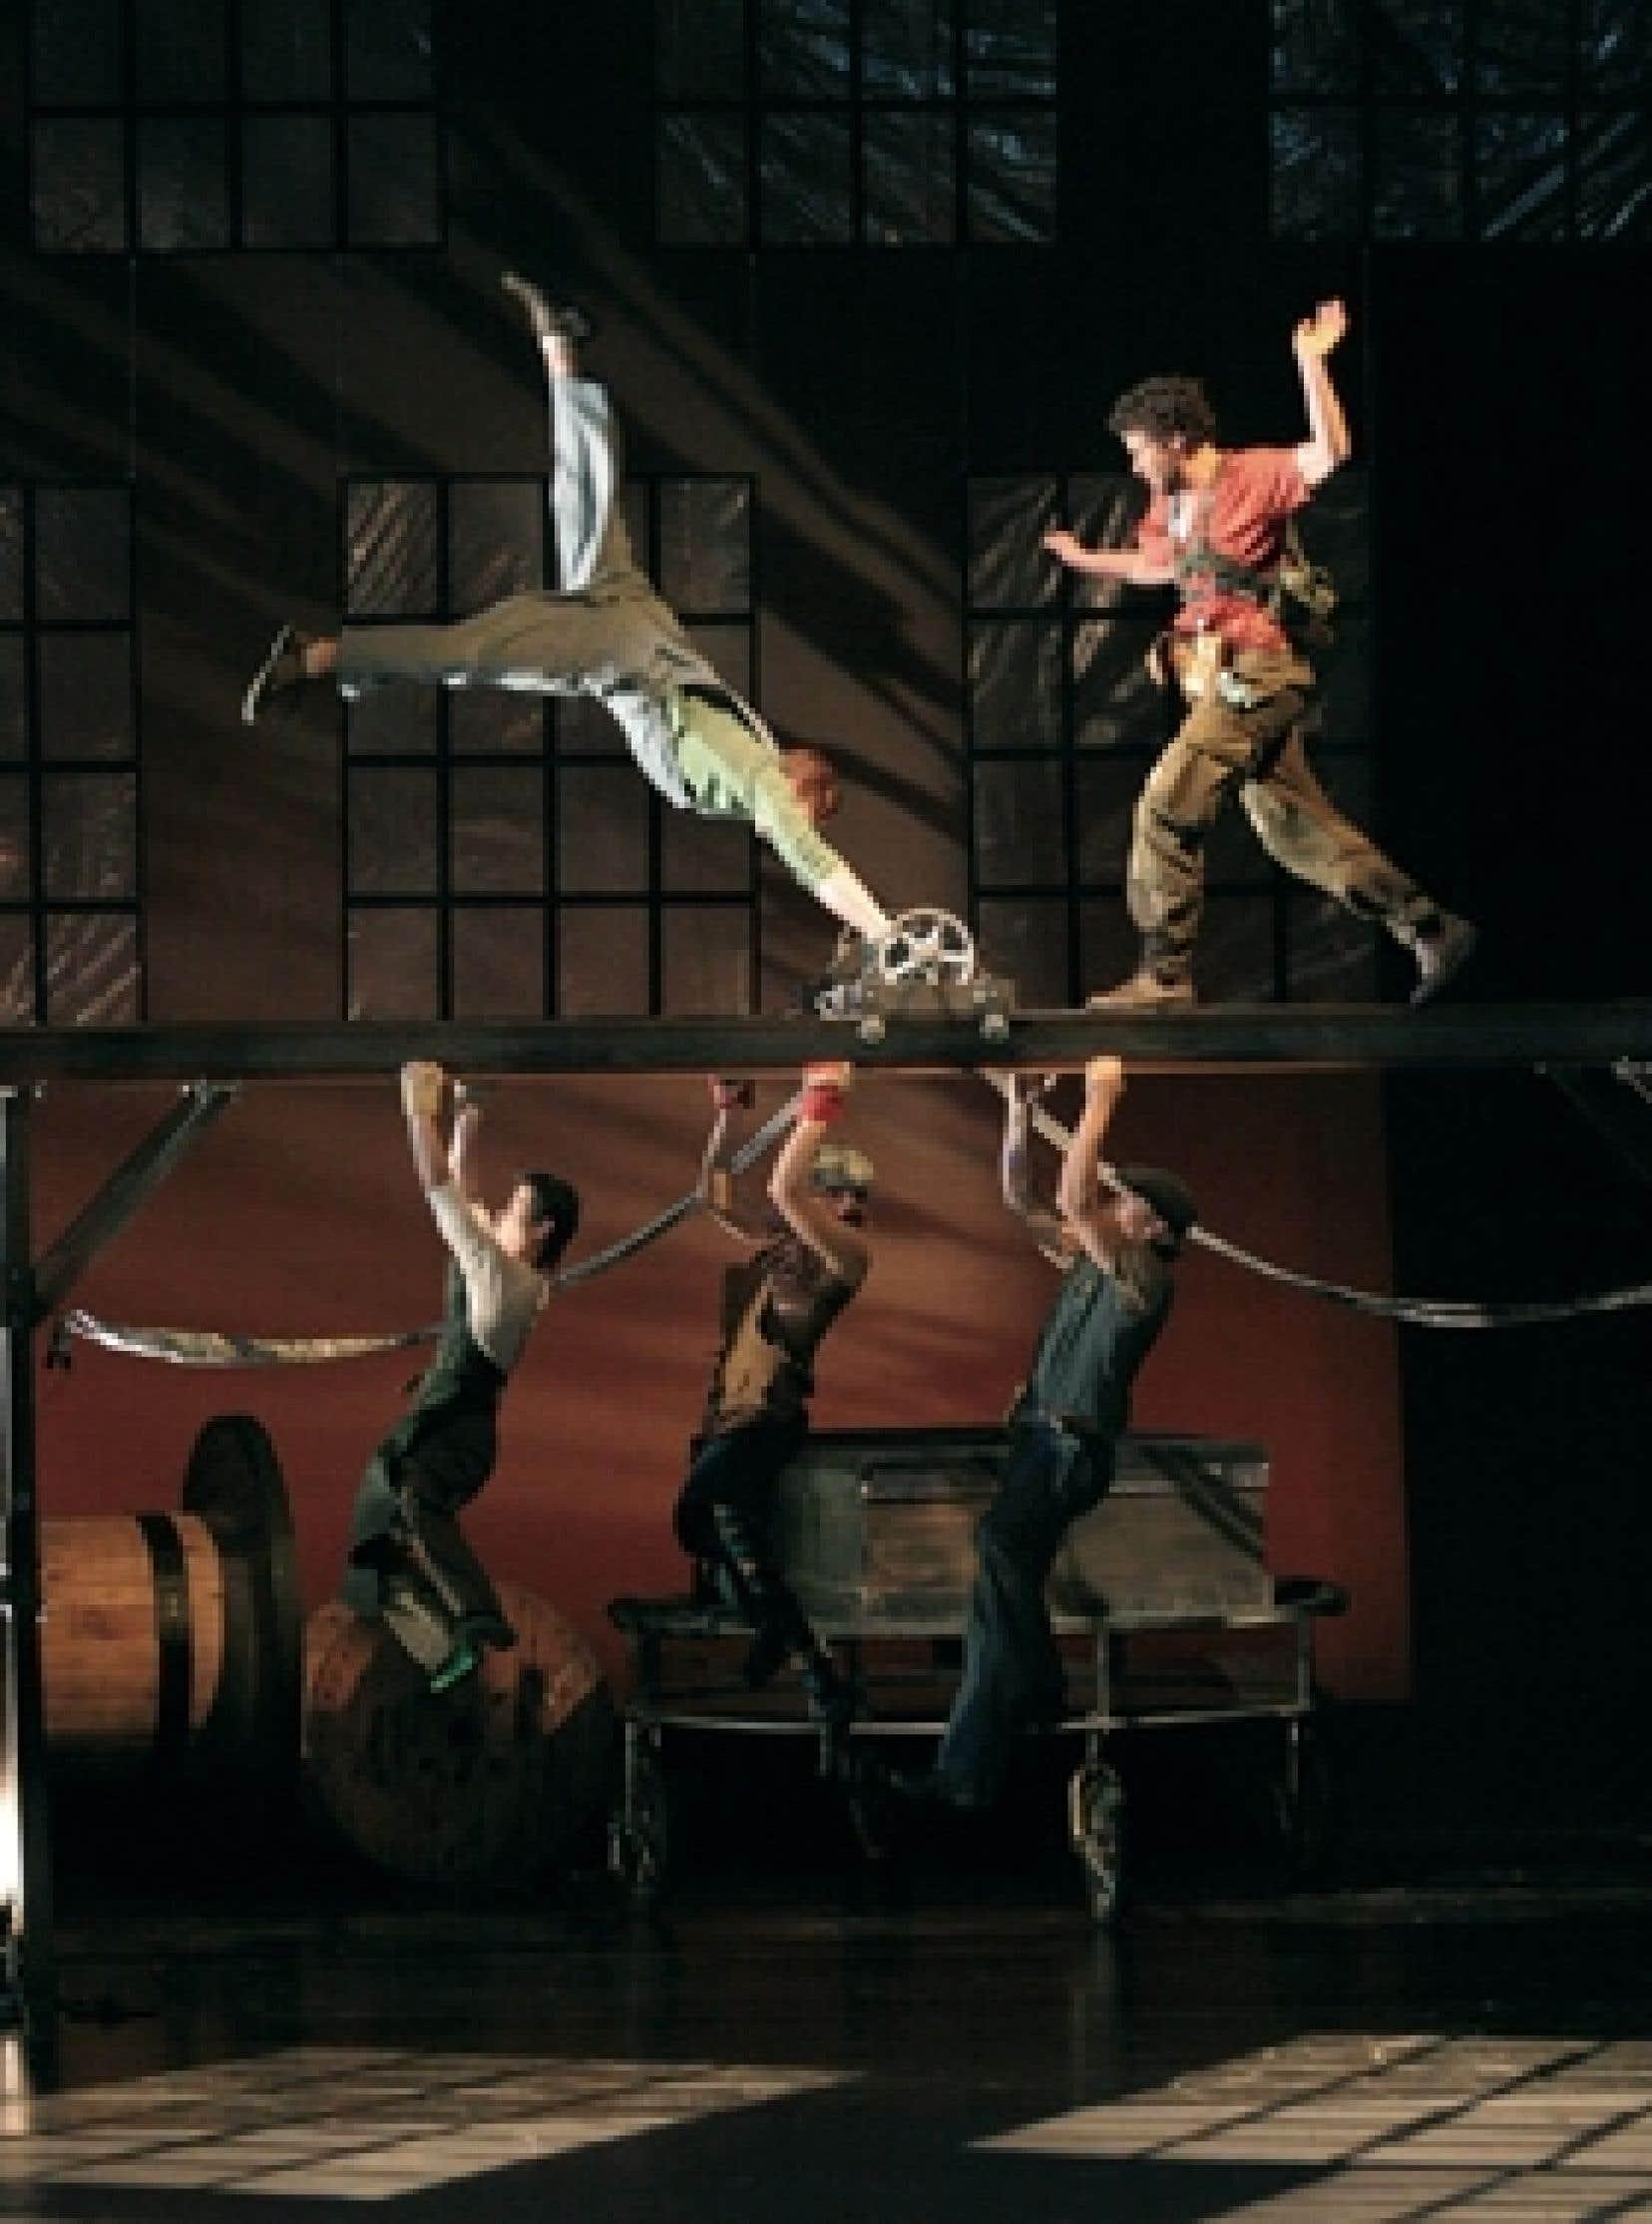 Le monde irréel de Birdhouse Factory est celui créé par Chris Lashua, un acrobate mordu de mécanique, qui s'est inspiré des univers de Chaplin et de Diego Rivera pour inventer un décor où la machinerie et les engrenages battent la mesure.